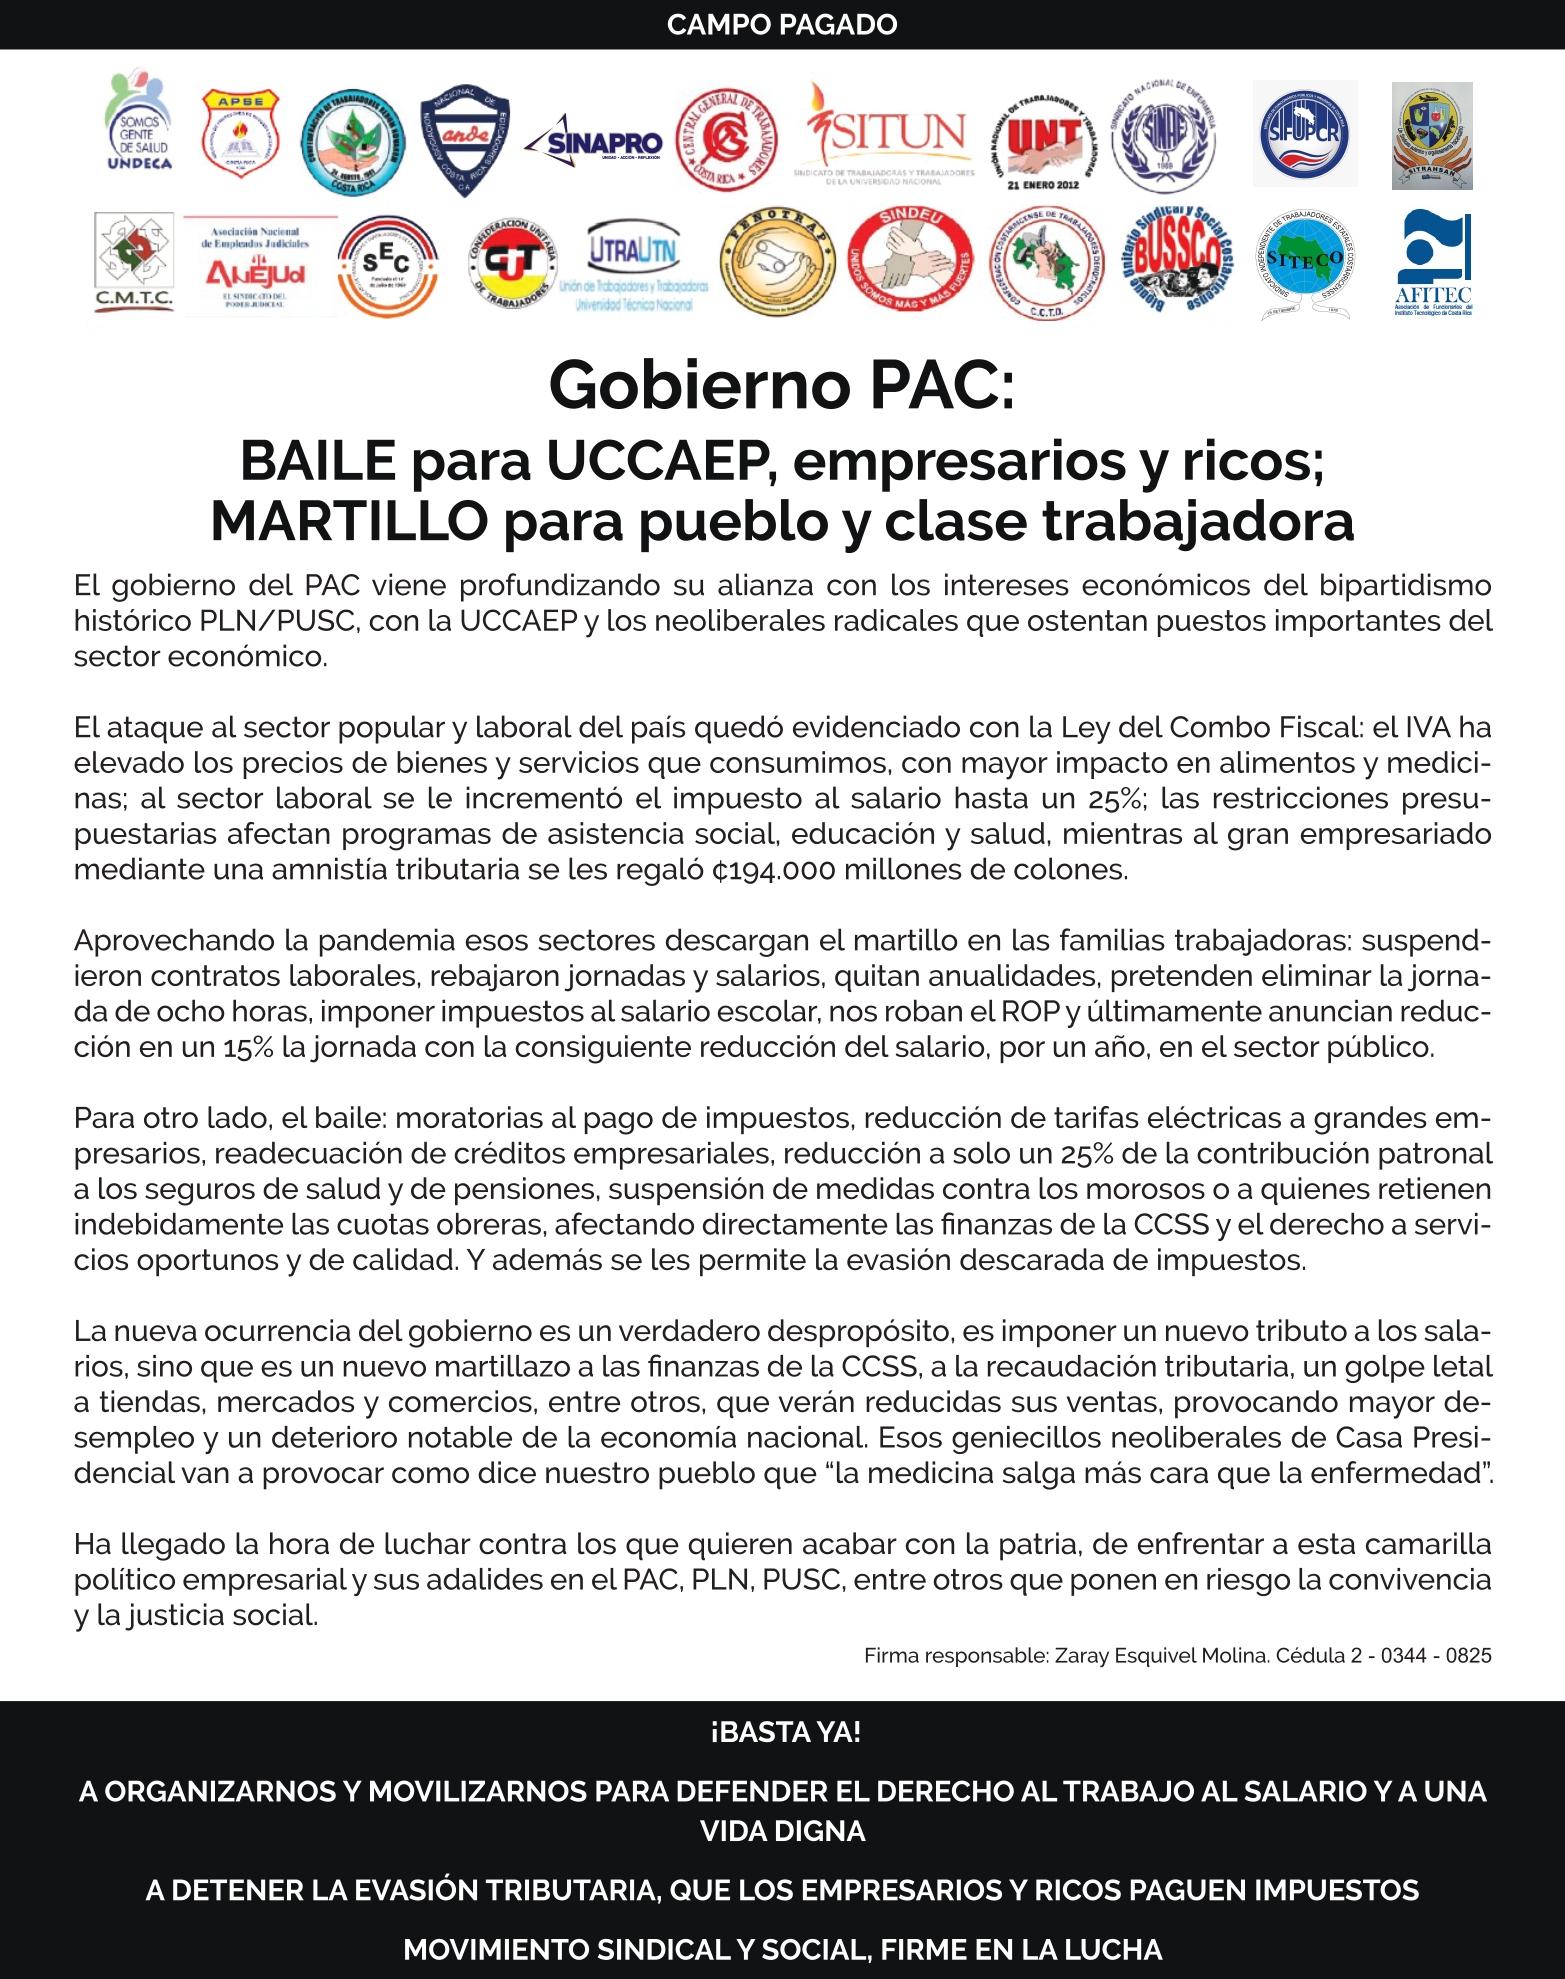 Gobierno PAC: BAILE para UCCAEP, empresarios y ricos, MARTILLO para pueblo y clase trabajadora